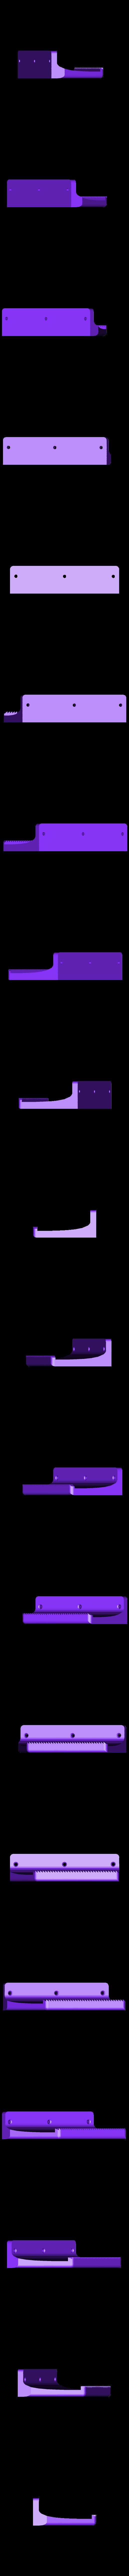 Door opener.stl Télécharger fichier STL gratuit Covid19 Ouvreur de poignée de porte mains libres. • Plan pour impression 3D, CTRLZ